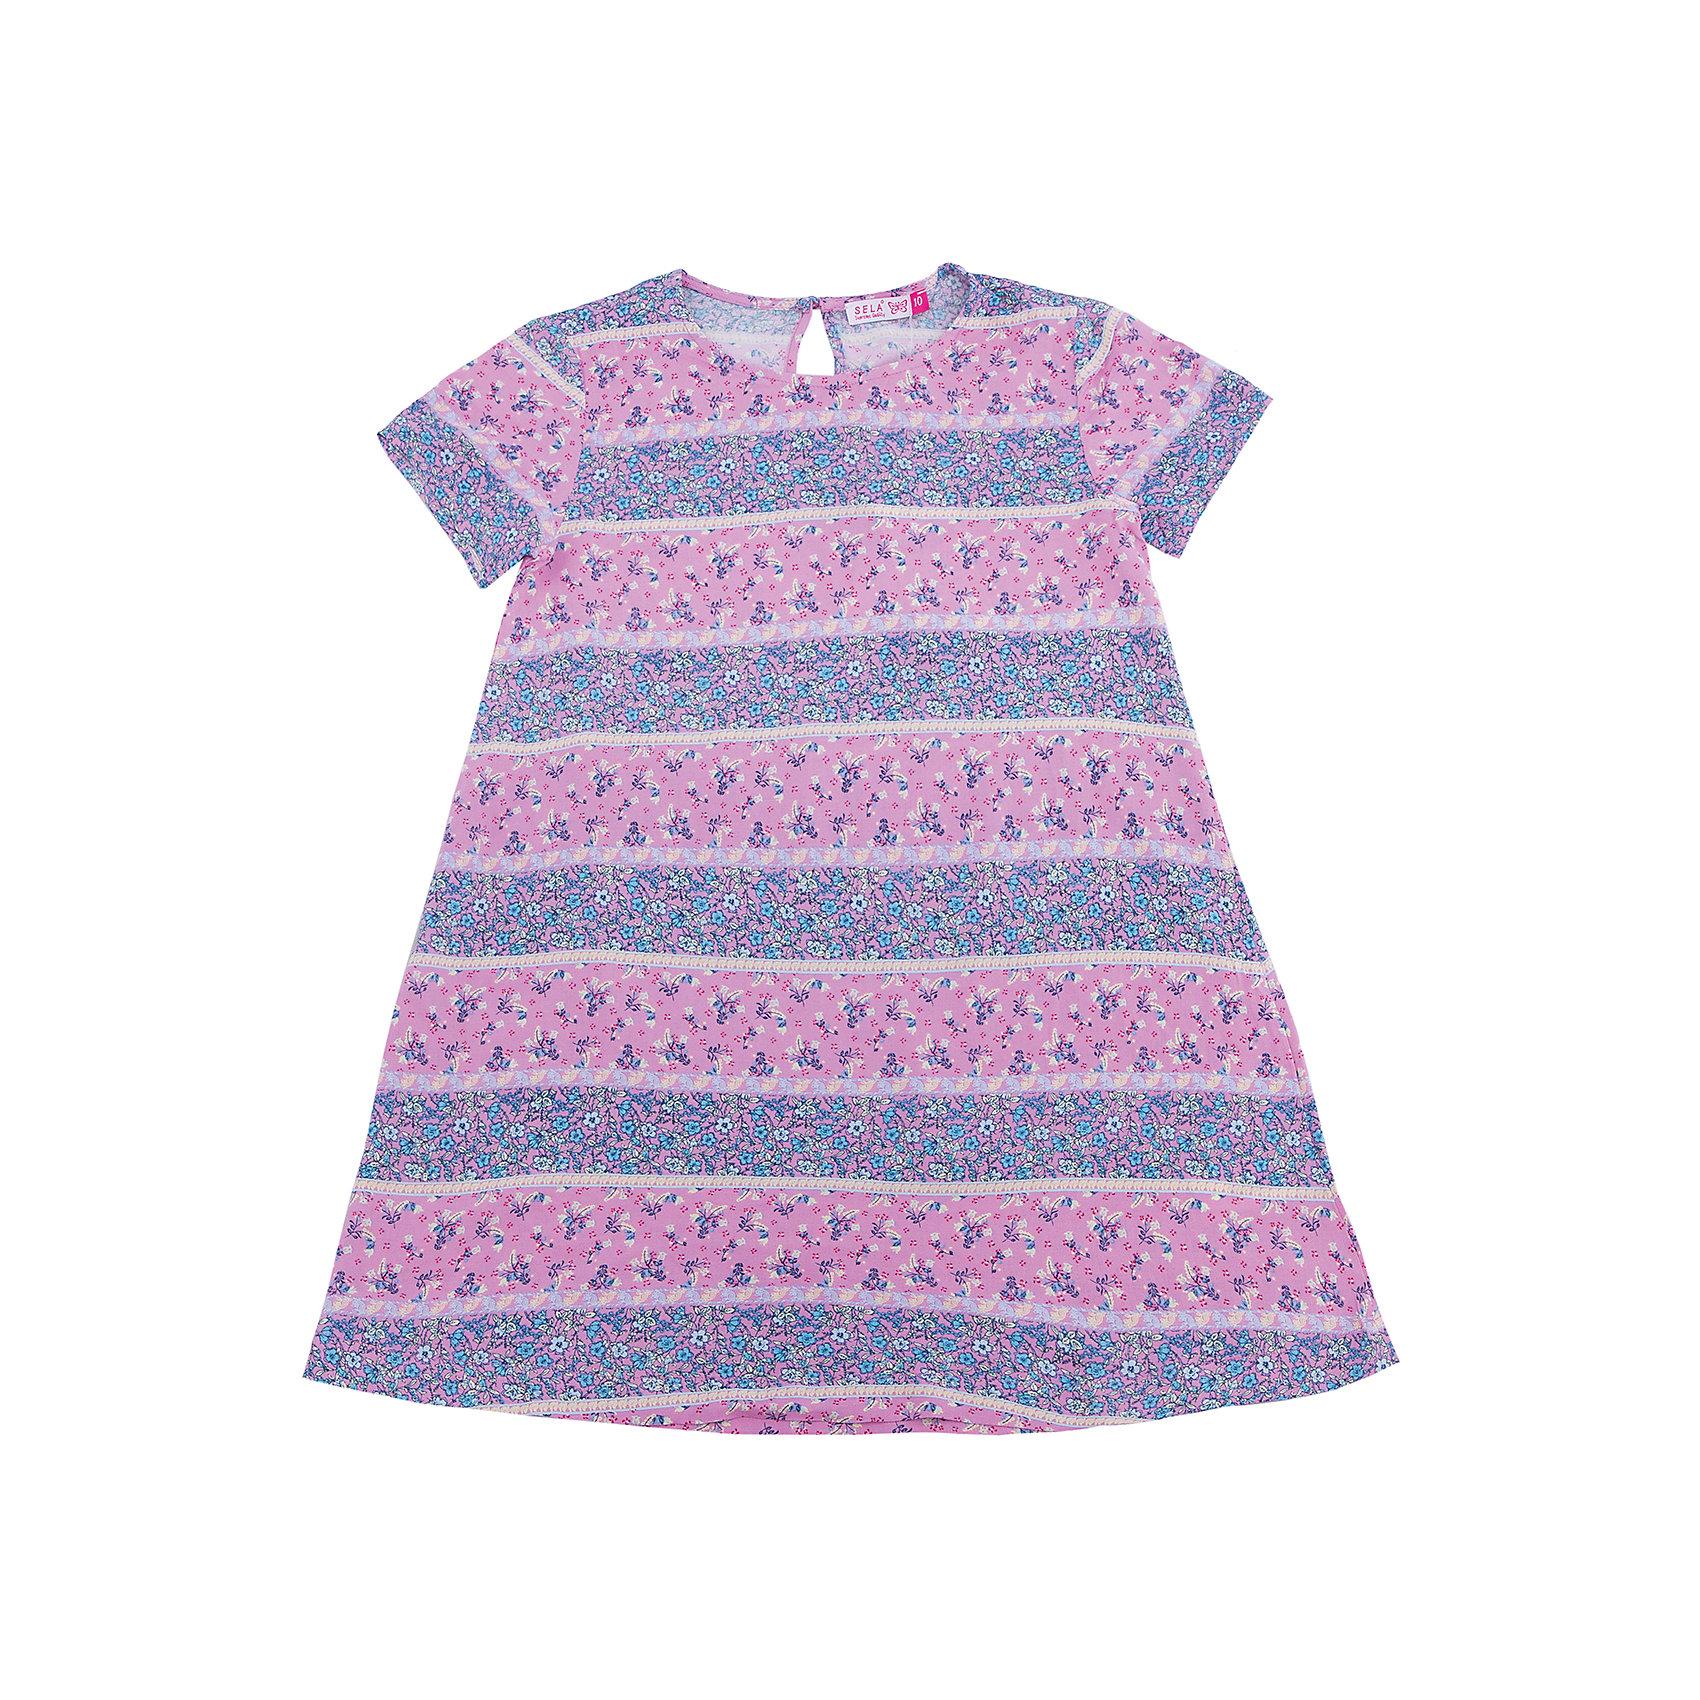 Платье для девочки SELAПлатья и сарафаны<br>Характеристики товара:<br><br>• цвет: лиловый<br>• состав: 100% вискоза<br>• сезон: лето<br>• принт<br>• длина выше колена<br>• корткие рукава<br>• страна бренда: Россия<br><br>Платье для девочки поможет разнообразить гардероб ребенка и обеспечить комфорт.  Оно отлично сочетается с босоножками, сандалями или туфельками. Стильная и удобная вещь!<br><br>Одежда, обувь и аксессуары от российского бренда SELA не зря пользуются большой популярностью у детей и взрослых!<br><br>Платье для девочки от популярного бренда SELA (СЕЛА) можно купить в нашем интернет-магазине.<br><br>Ширина мм: 236<br>Глубина мм: 16<br>Высота мм: 184<br>Вес г: 177<br>Цвет: фиолетовый<br>Возраст от месяцев: 96<br>Возраст до месяцев: 108<br>Пол: Женский<br>Возраст: Детский<br>Размер: 140,146,152,122,128,134<br>SKU: 5305455